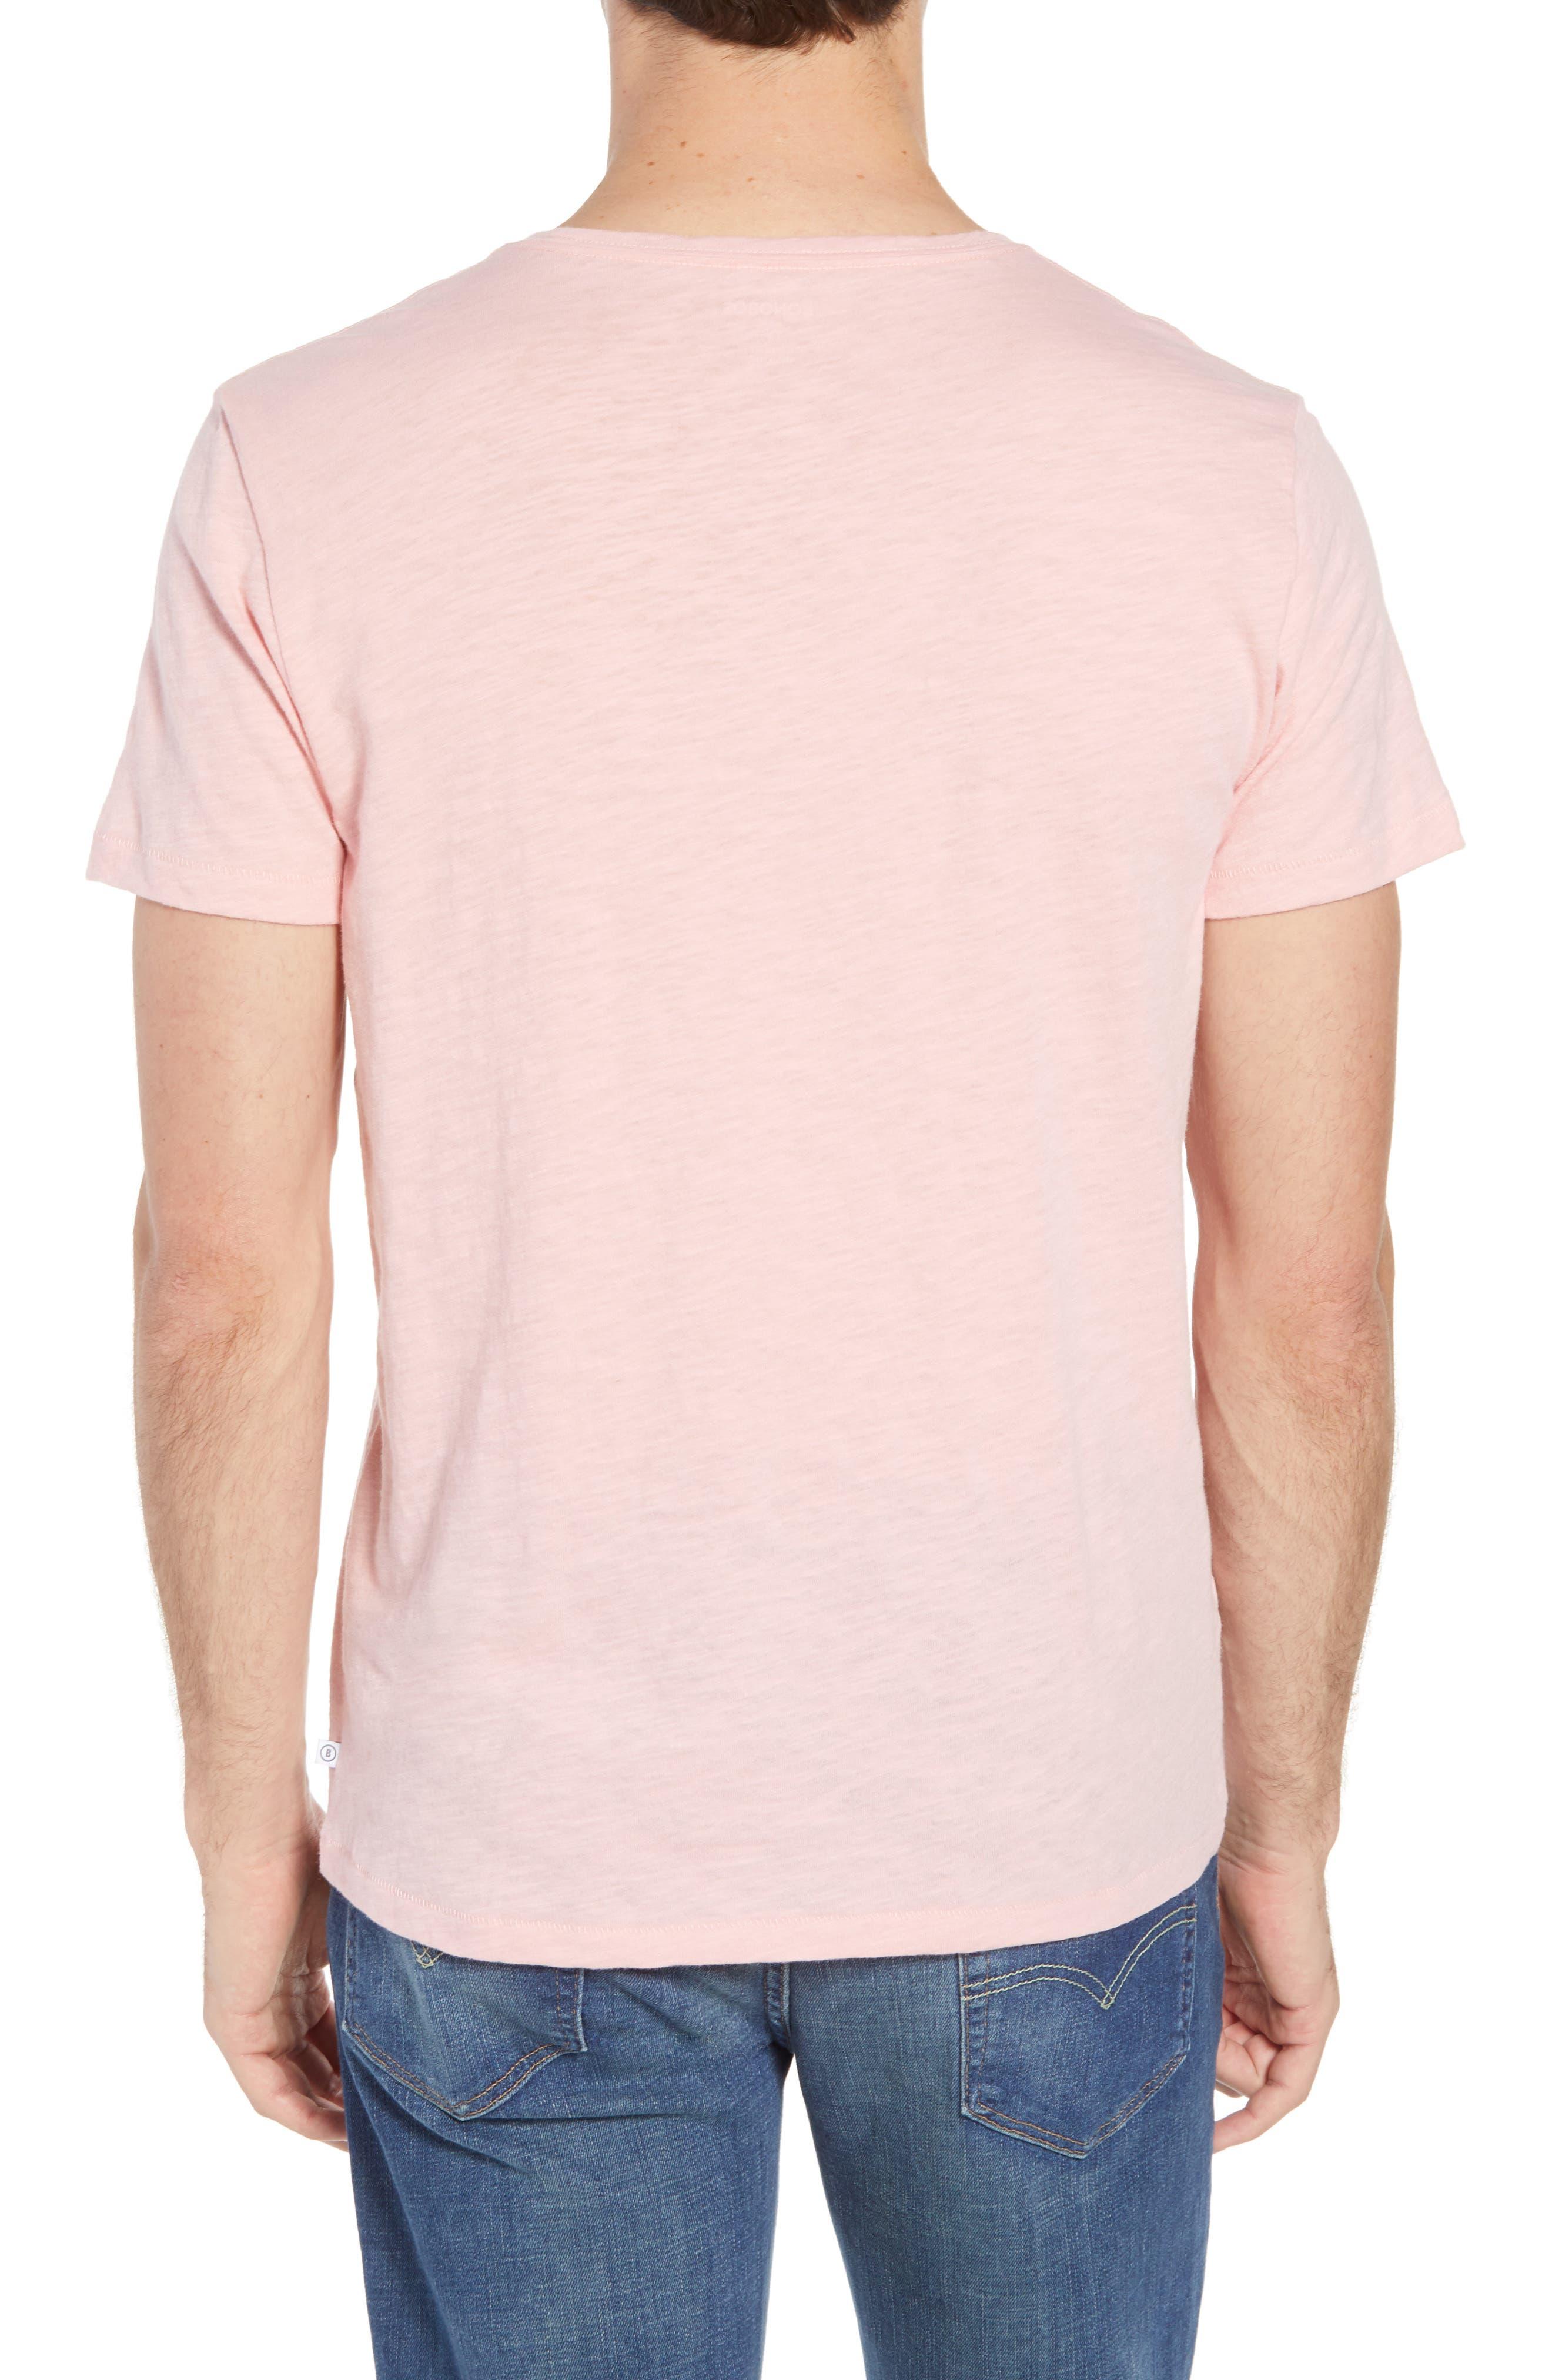 Stoked Slub T-Shirt,                             Alternate thumbnail 2, color,                             650